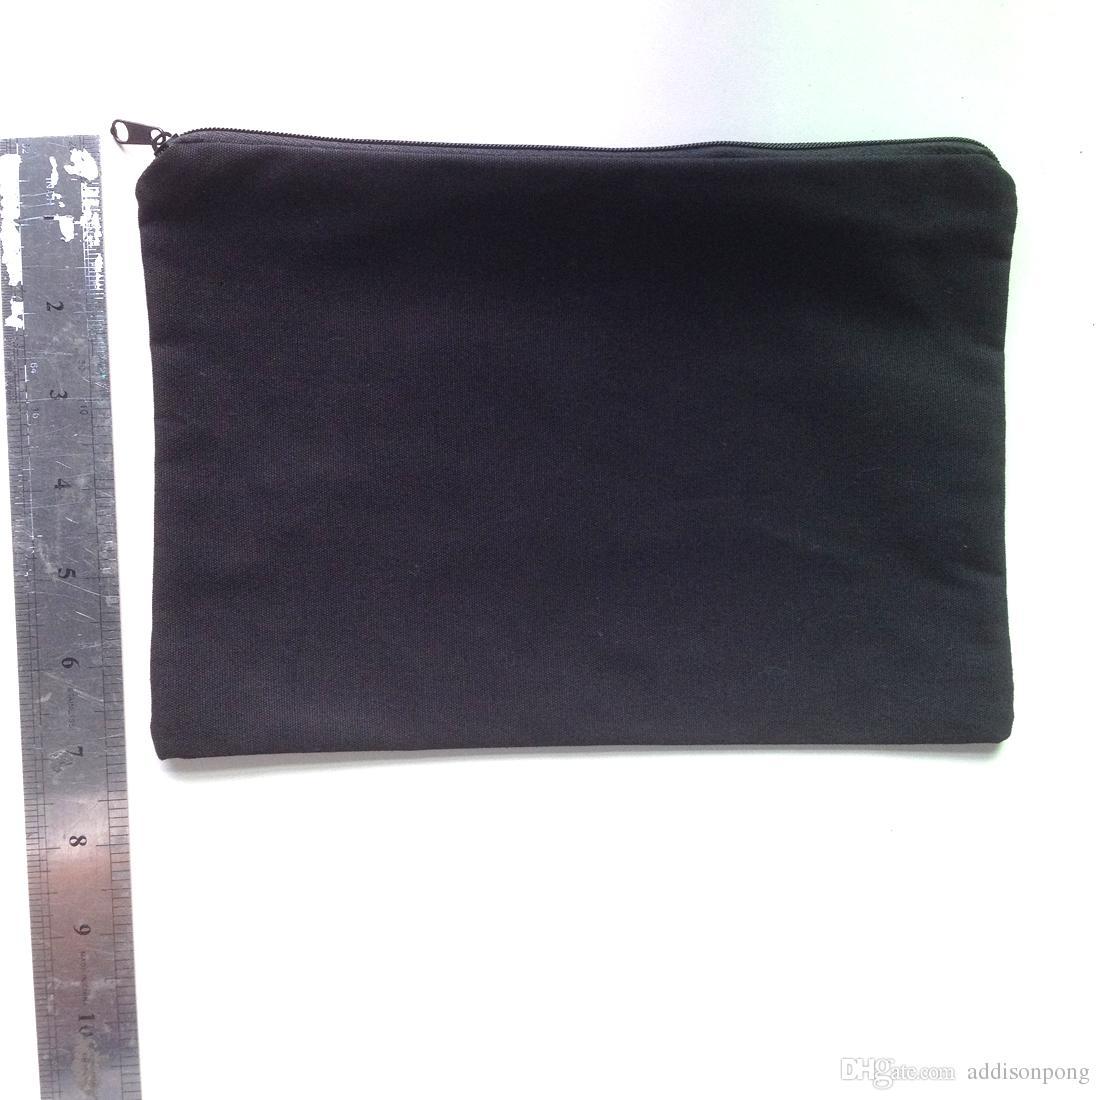 plain black color pure cotton canvas coin purse with black zipper unisex casual wallet blank cotton pouches black cotton zip bag